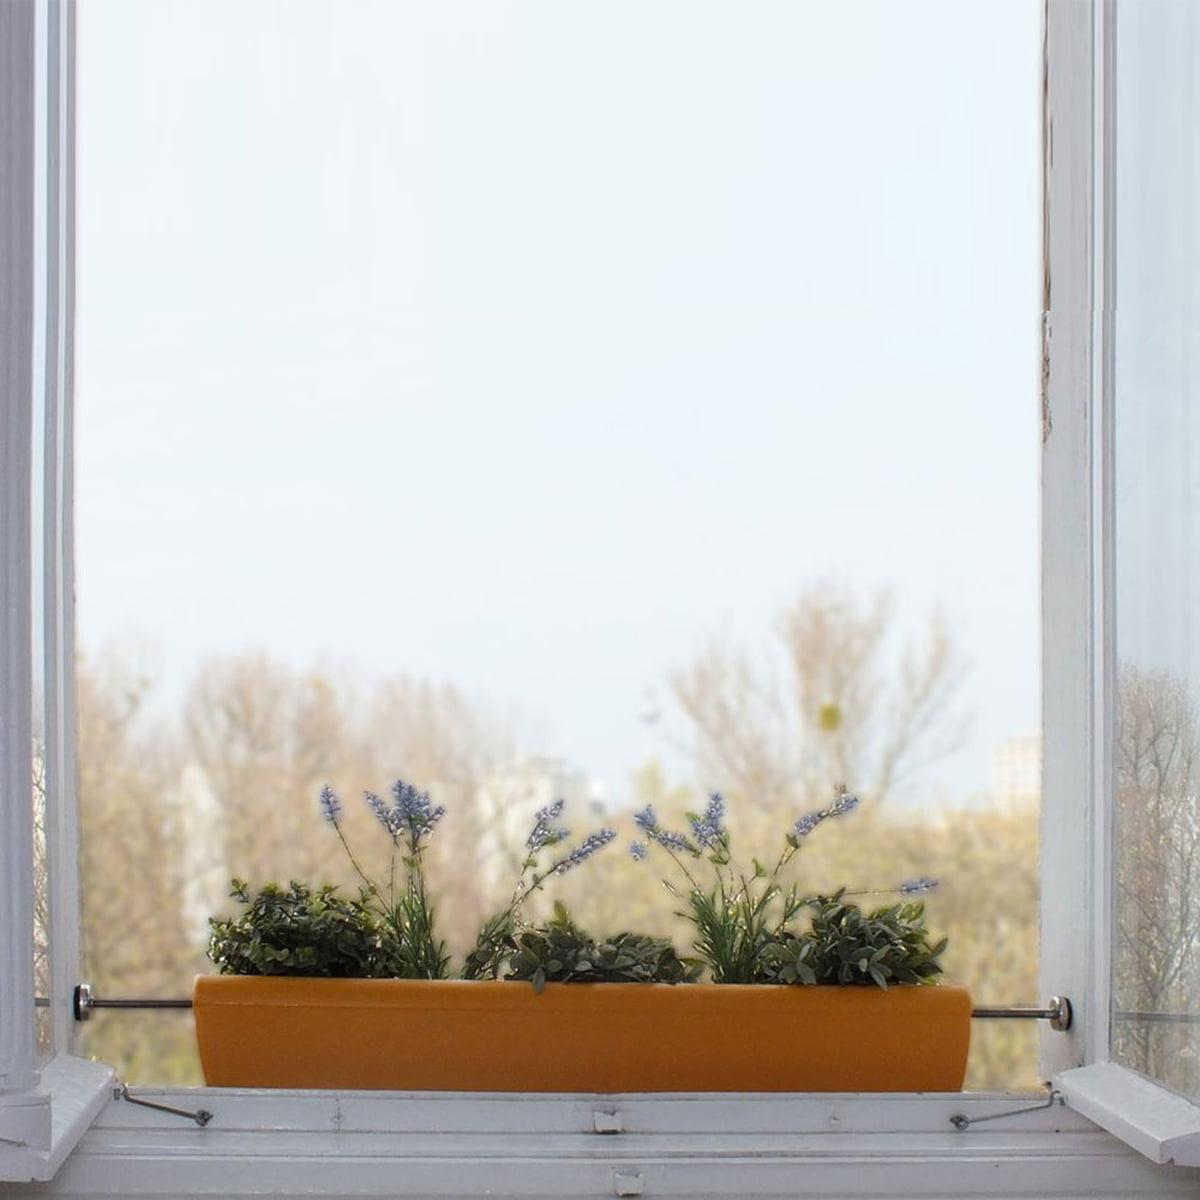 100 Incroyable Idées Fixer Jardinière Rebord Fenêtre